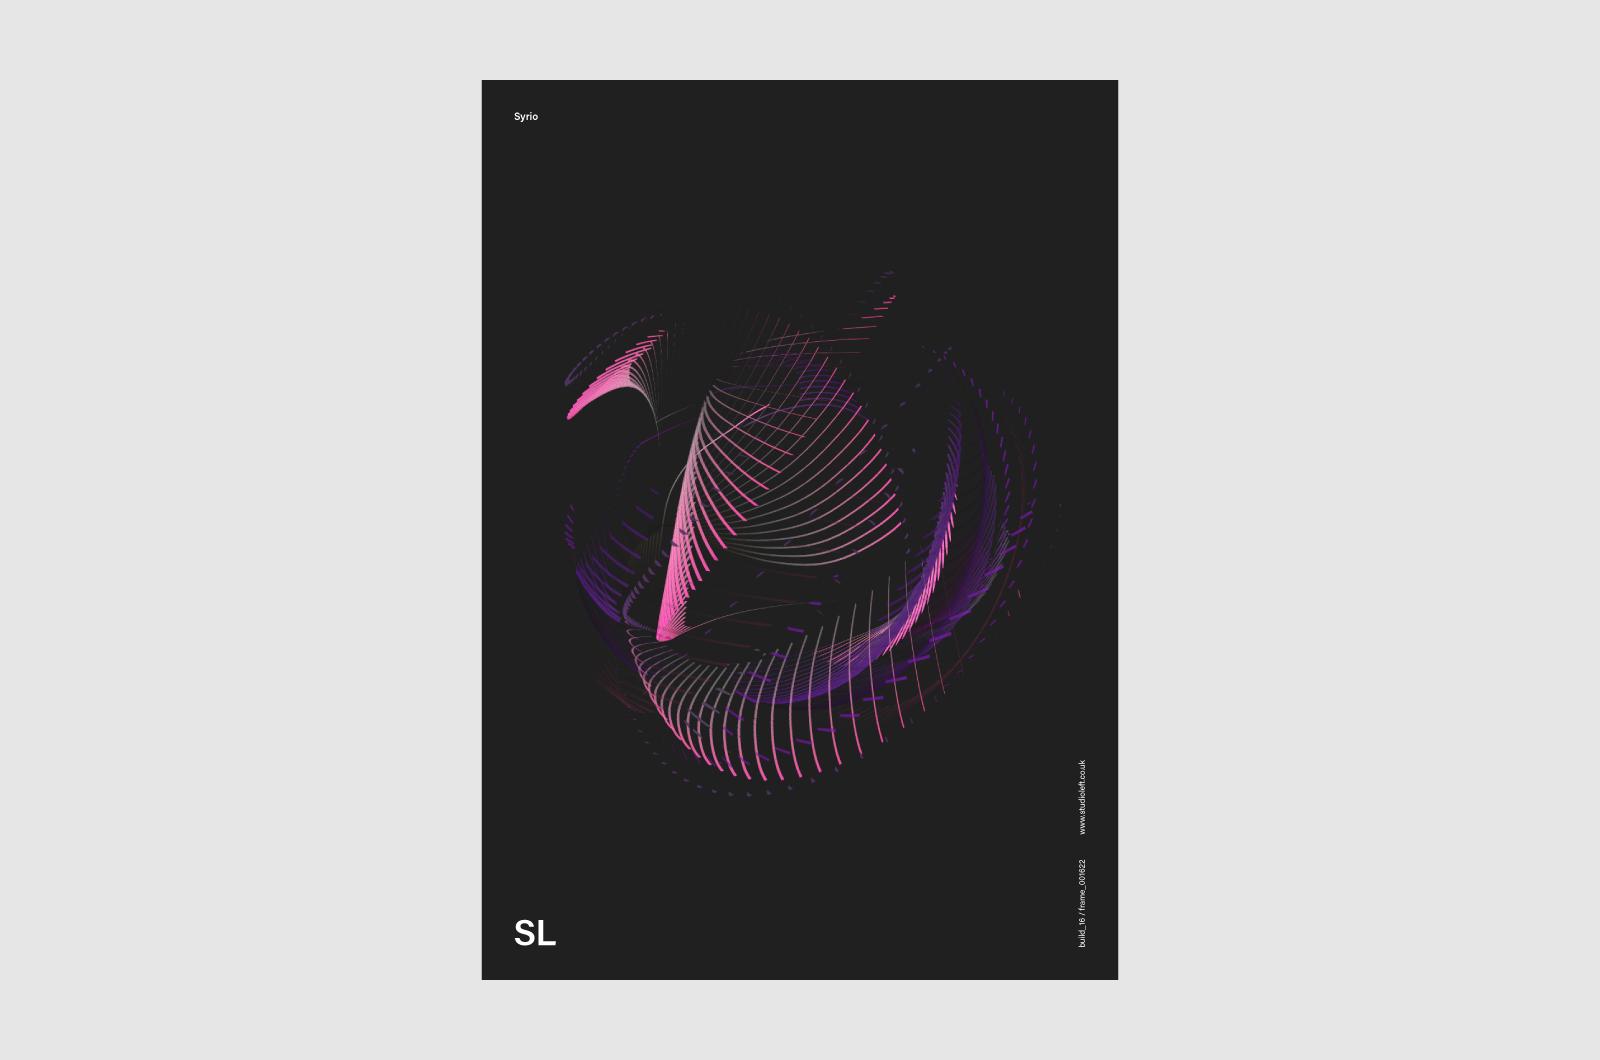 Syrio poster 03